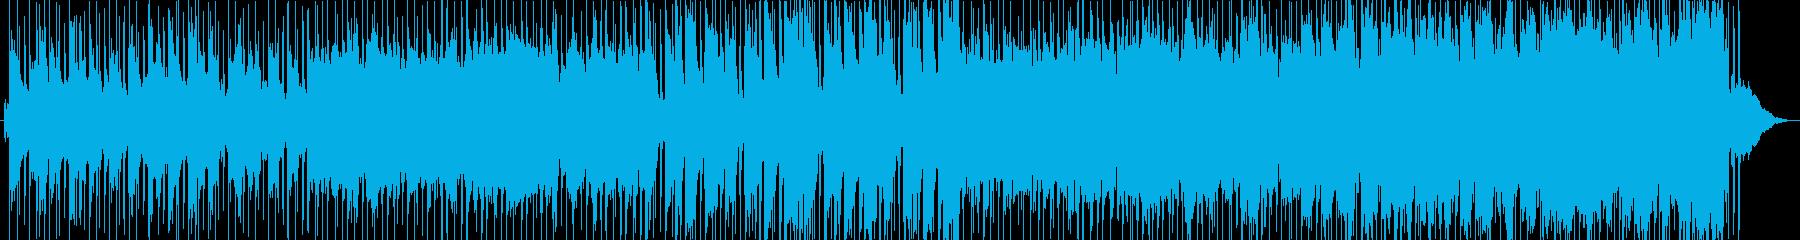 和風オーケストラの祭り囃子の再生済みの波形